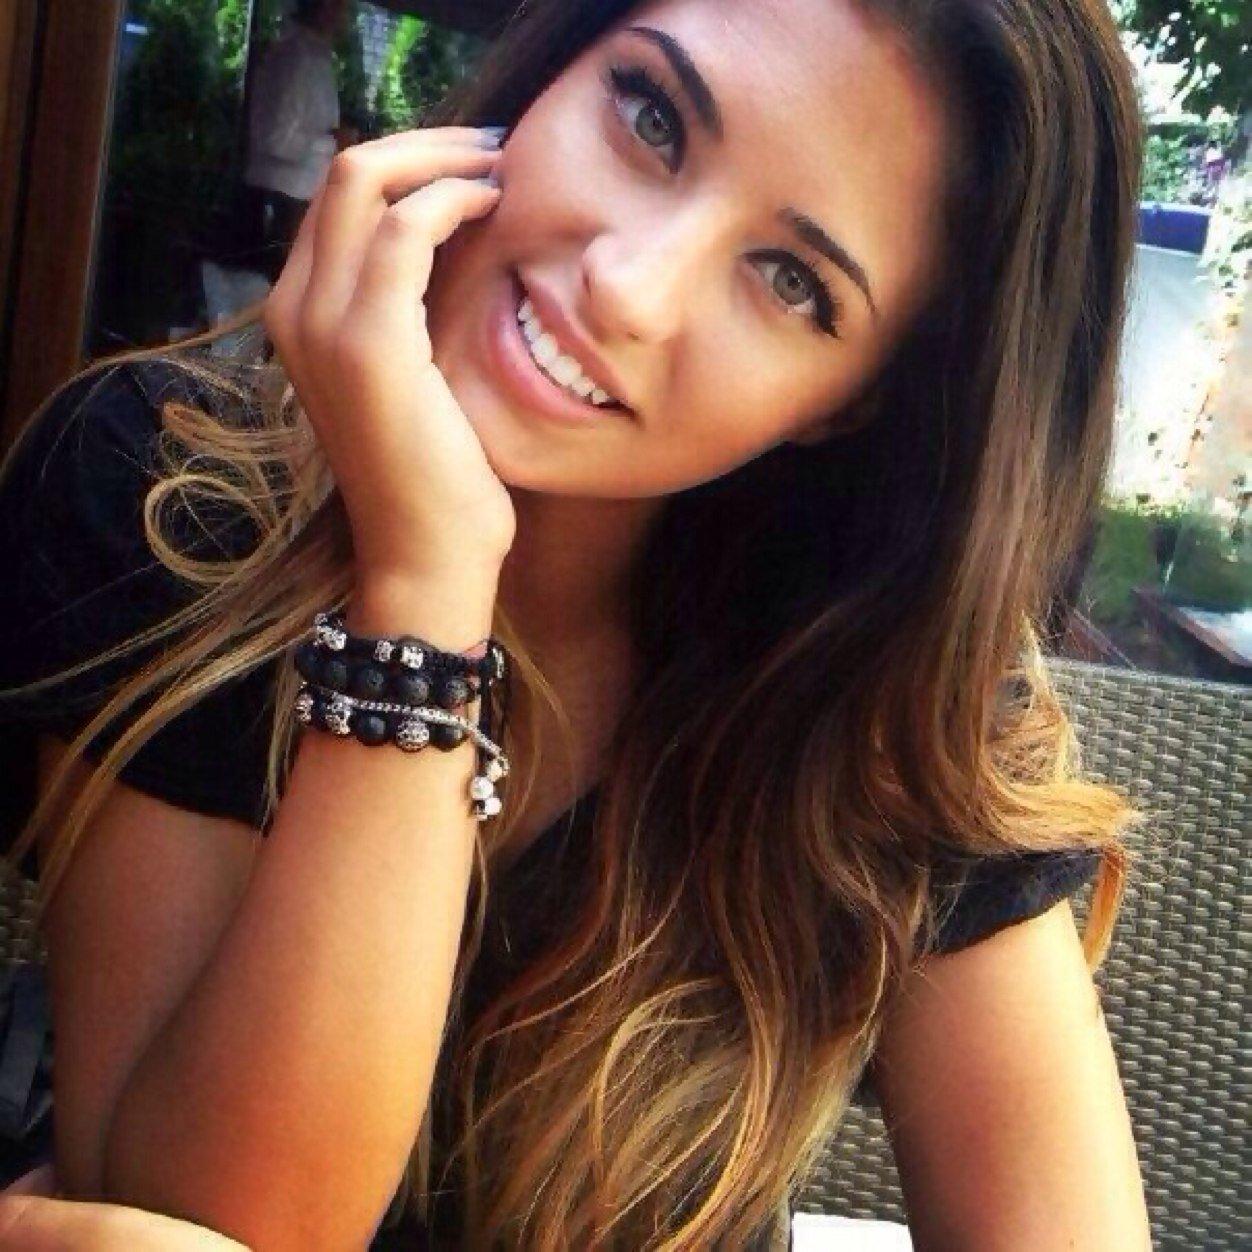 Rumania girl